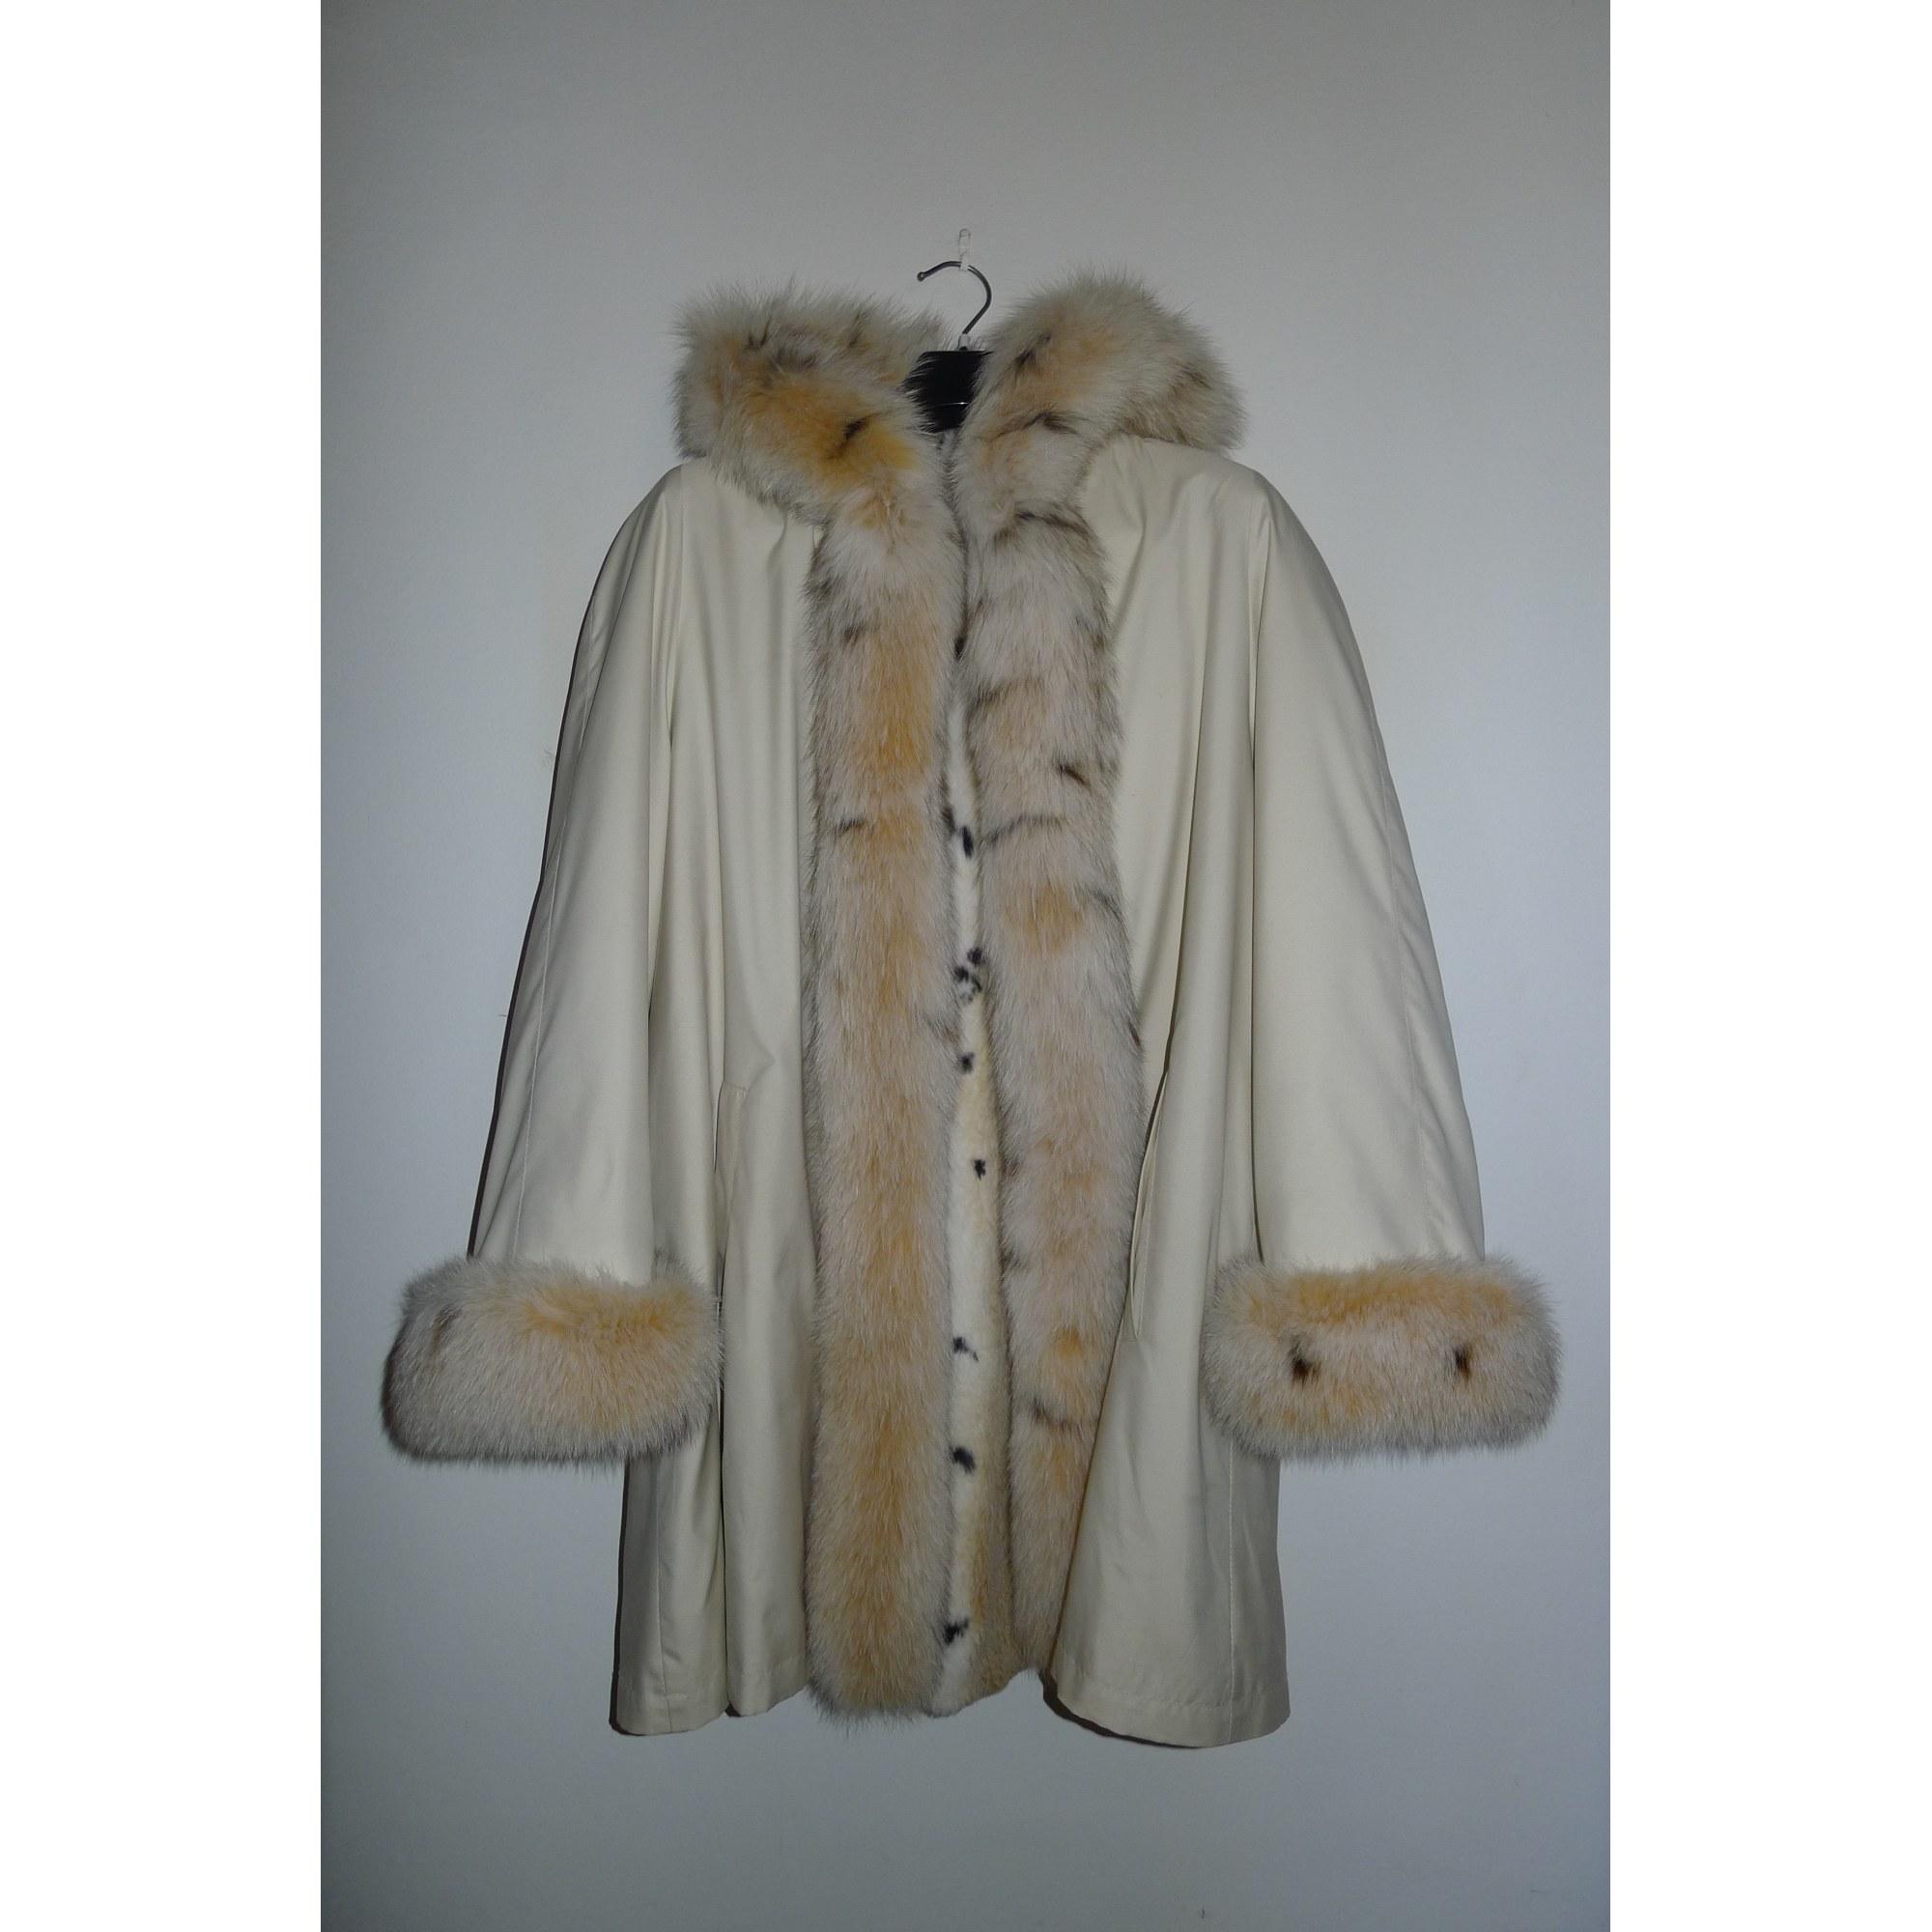 Manteau en fourrure ROLF SCHULTE Blanc, blanc cassé, écru